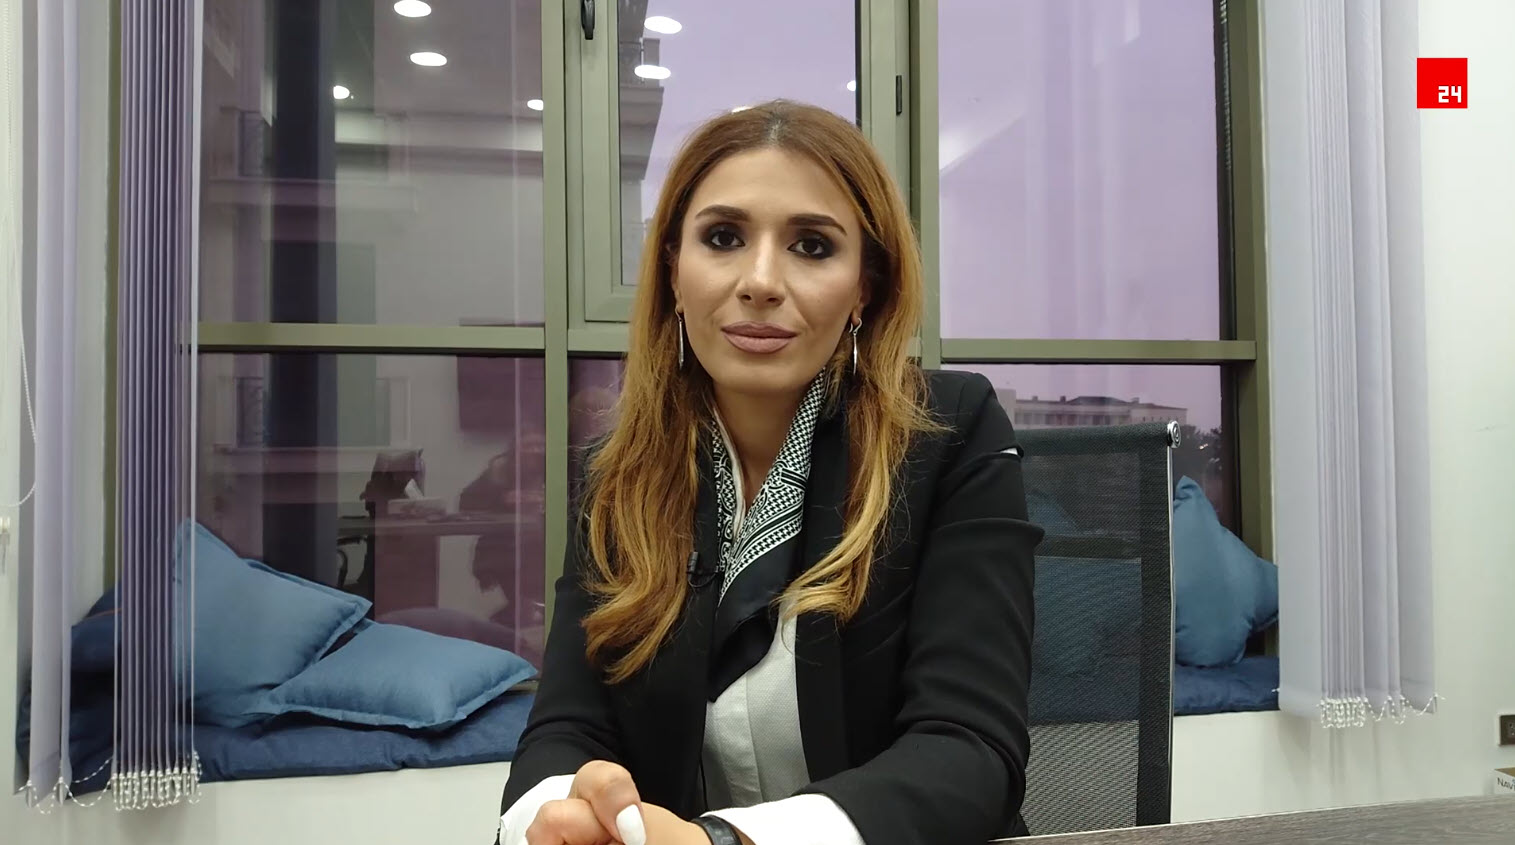 Գոհար Մելոյան. տնտեսվարողների շահերով ու իրավունքներով զբաղվում են վարչական և ընդհանուր իրավասության դատարանները. ՍԴ-ն ներդրումների հետ կապ չունի